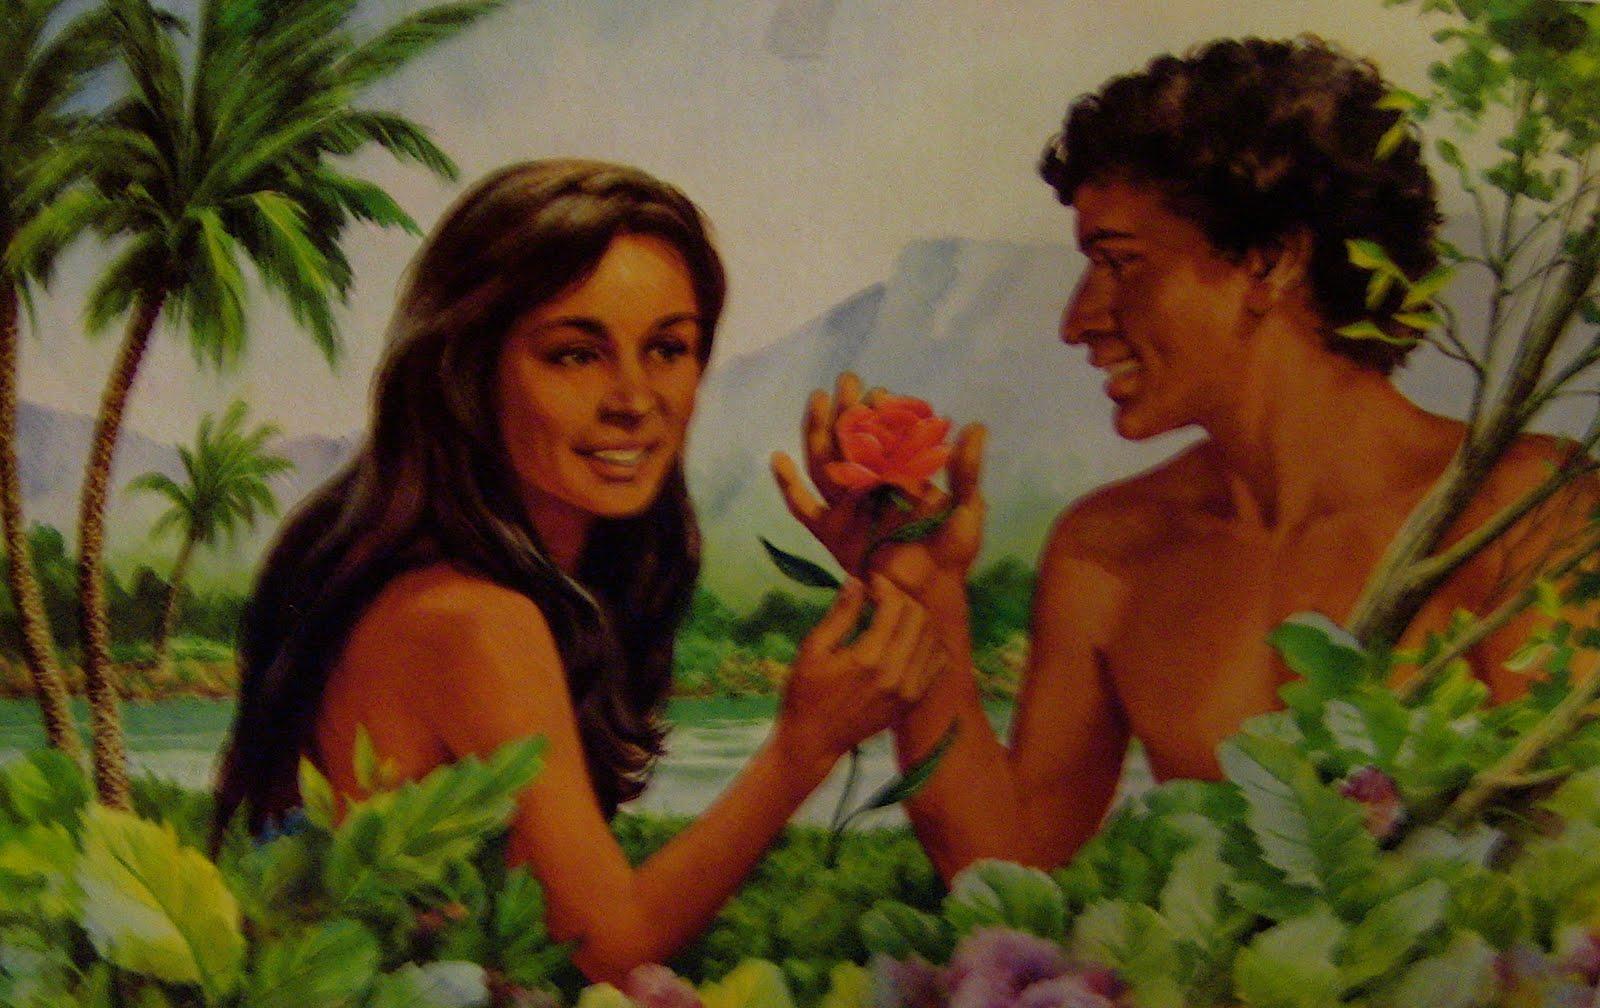 La primera hija de ad n y eva remigio sol for Adan y eva en el jardin